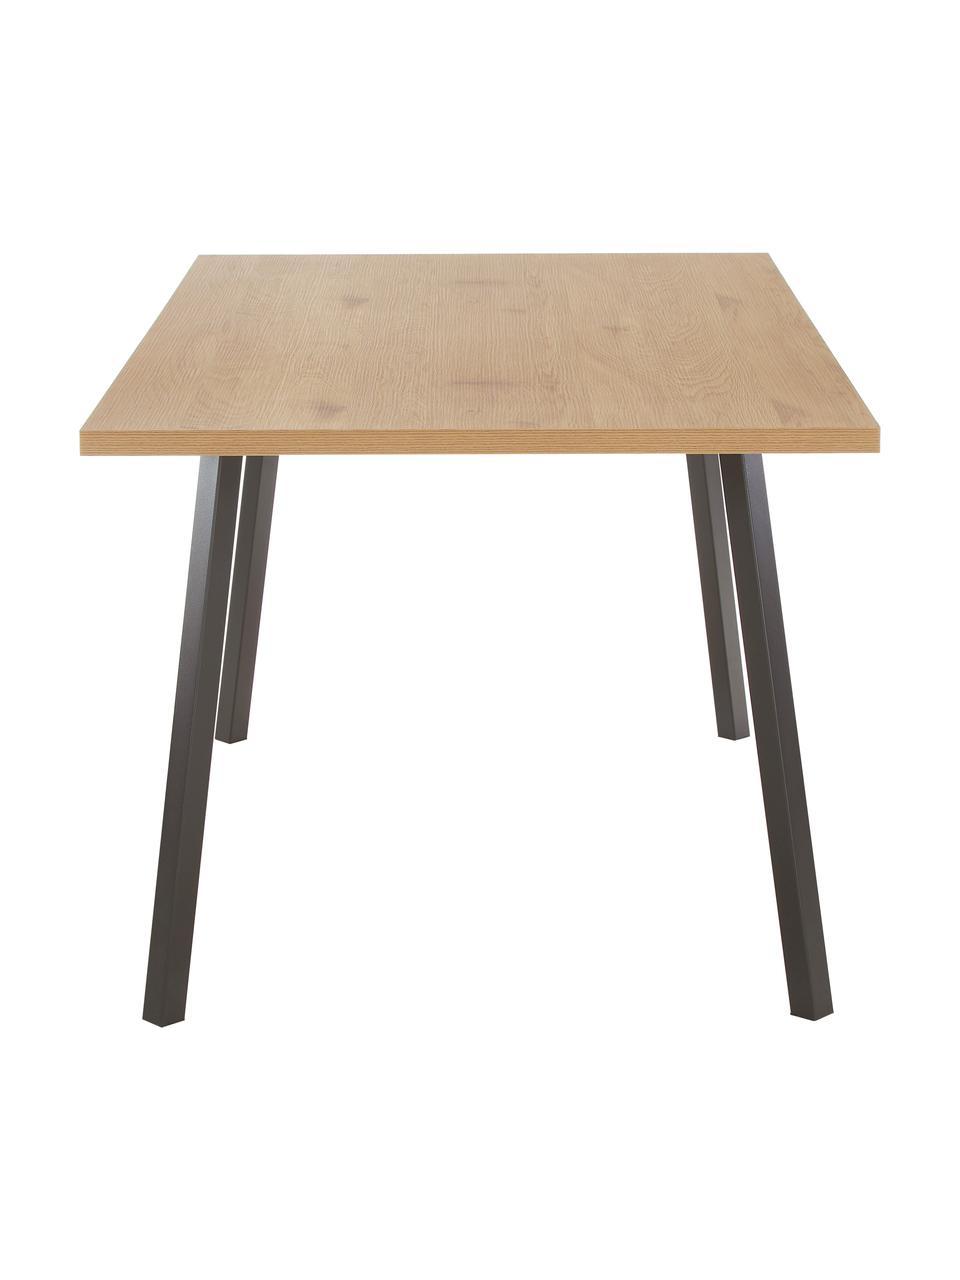 Eettafel Cenny met tafelblad in eikenhouten look, Tafelblad: MDF, melamine bekleed, Frame: gepoedercoat metaal, Eikenhoutkleurig, zwart, B 160 x D 90 cm